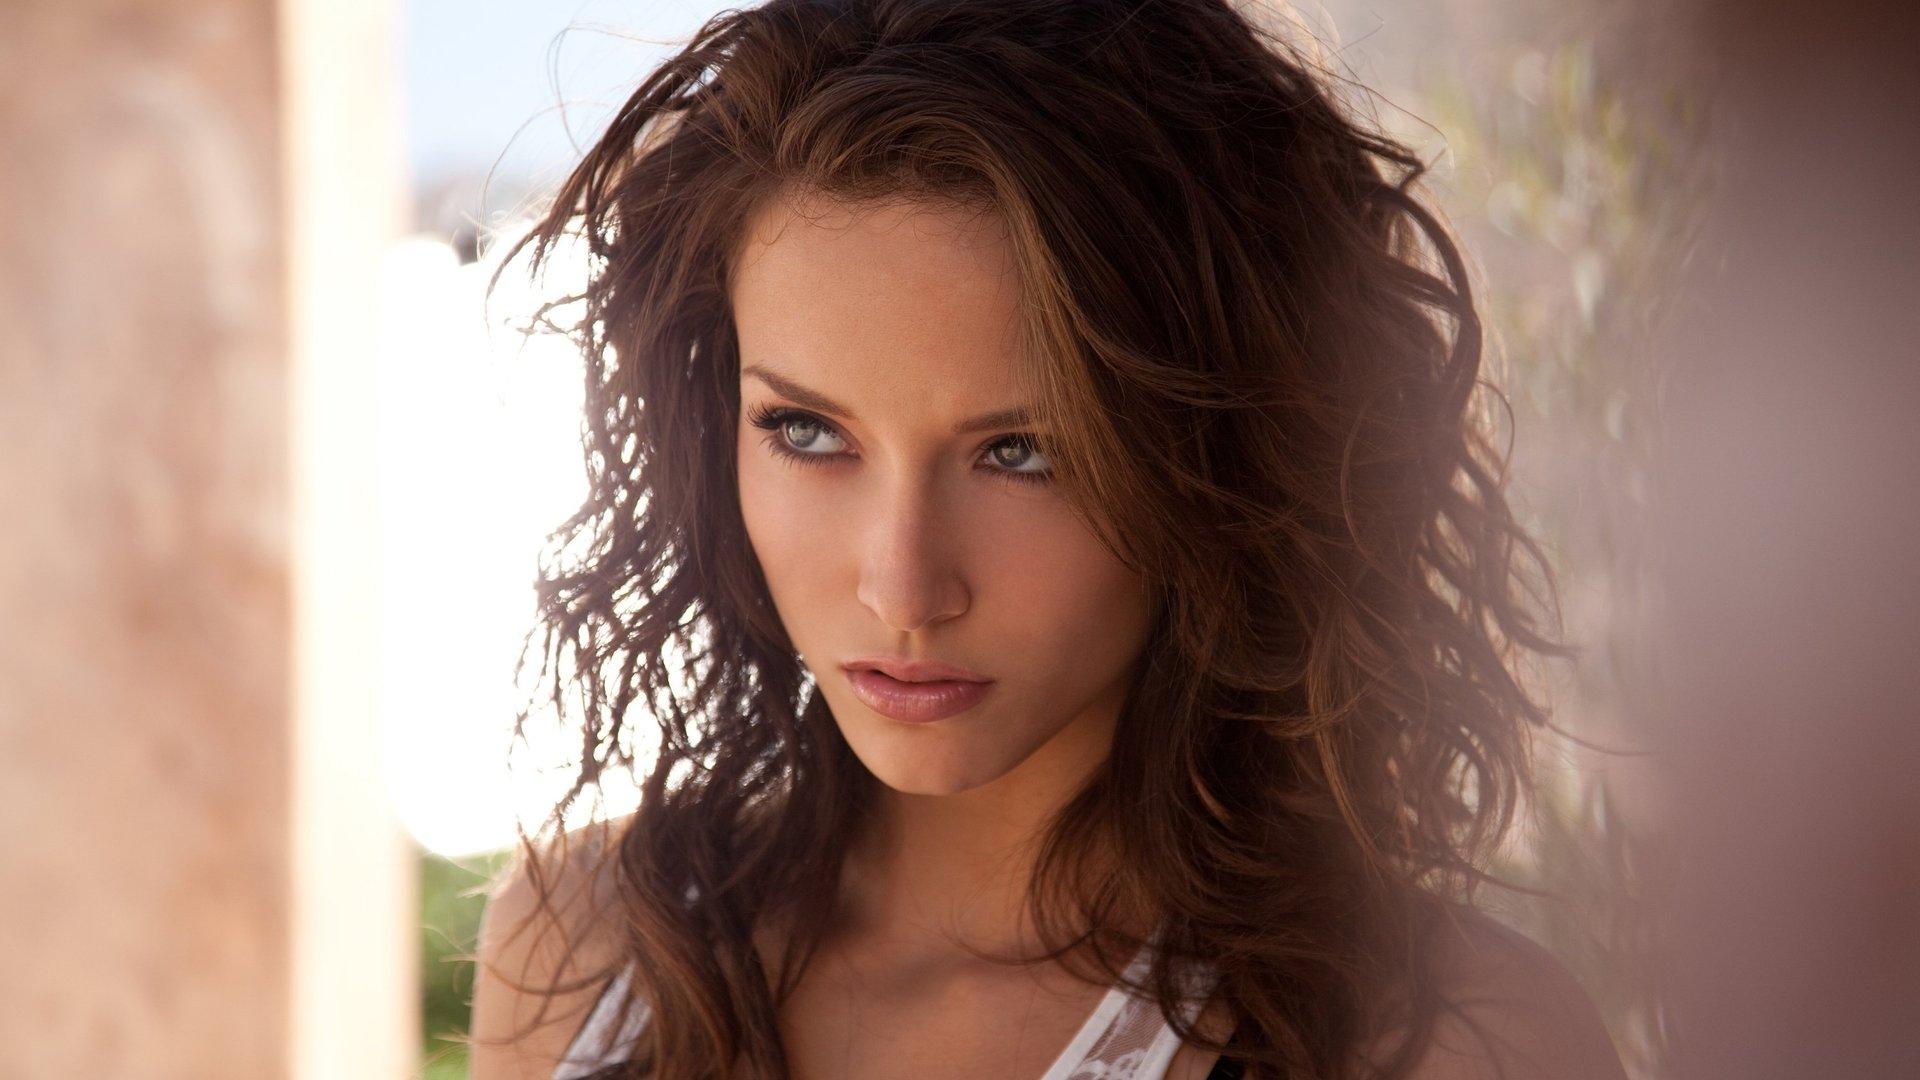 Vanessa paradis naked